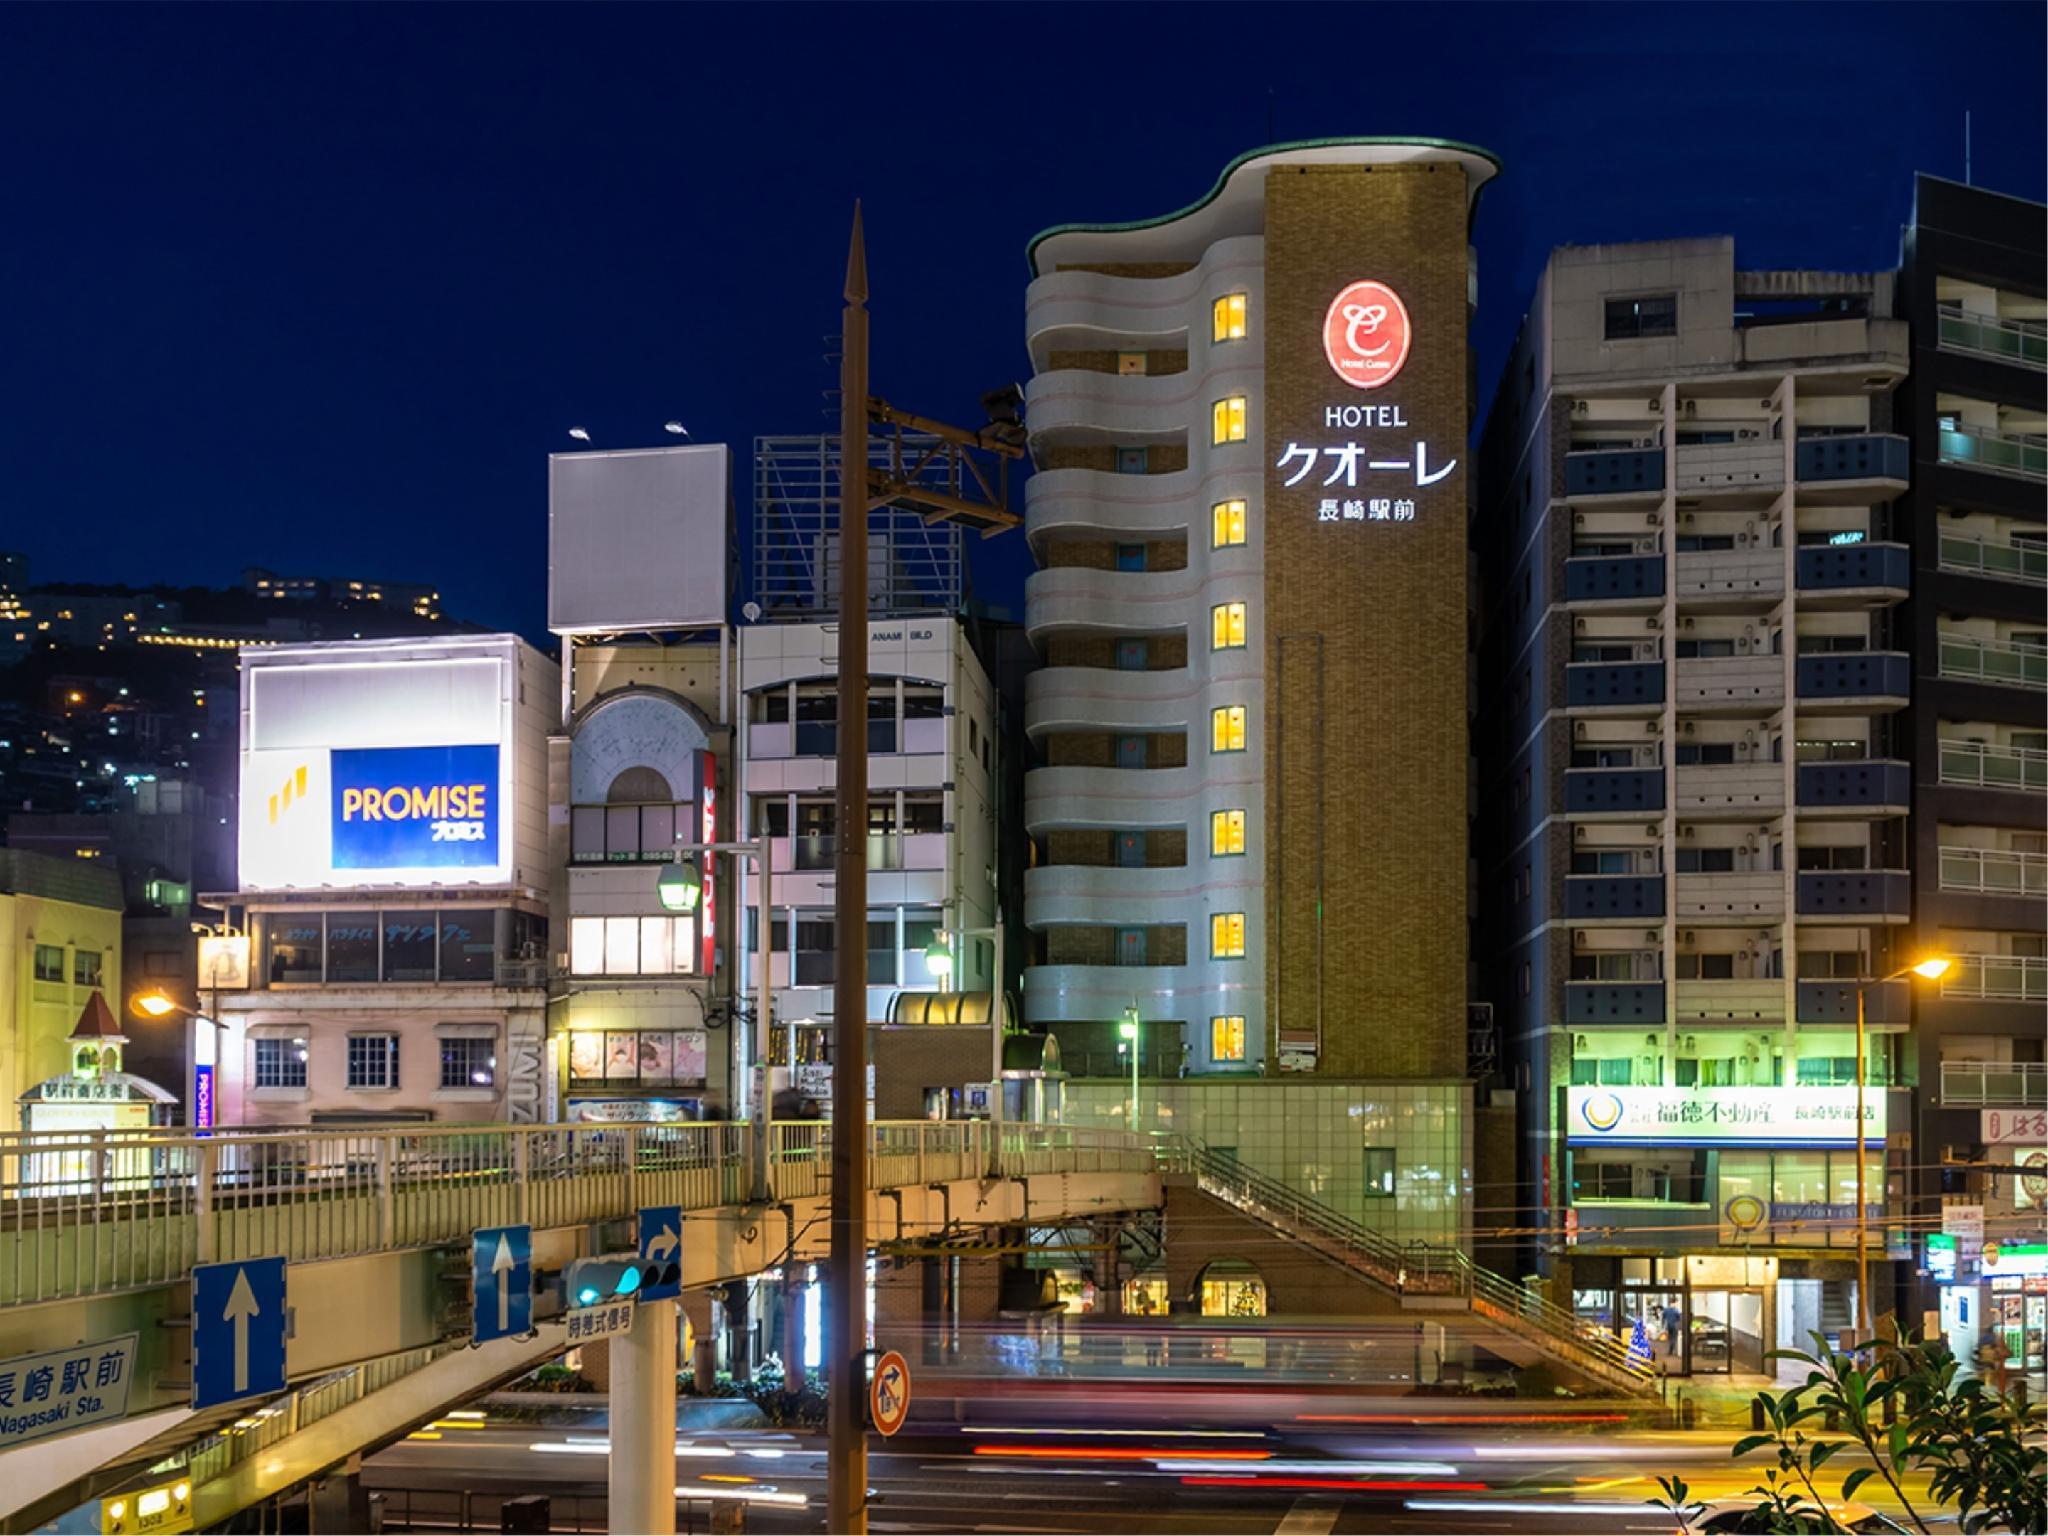 Hotel Cuore Nagasakiekimae